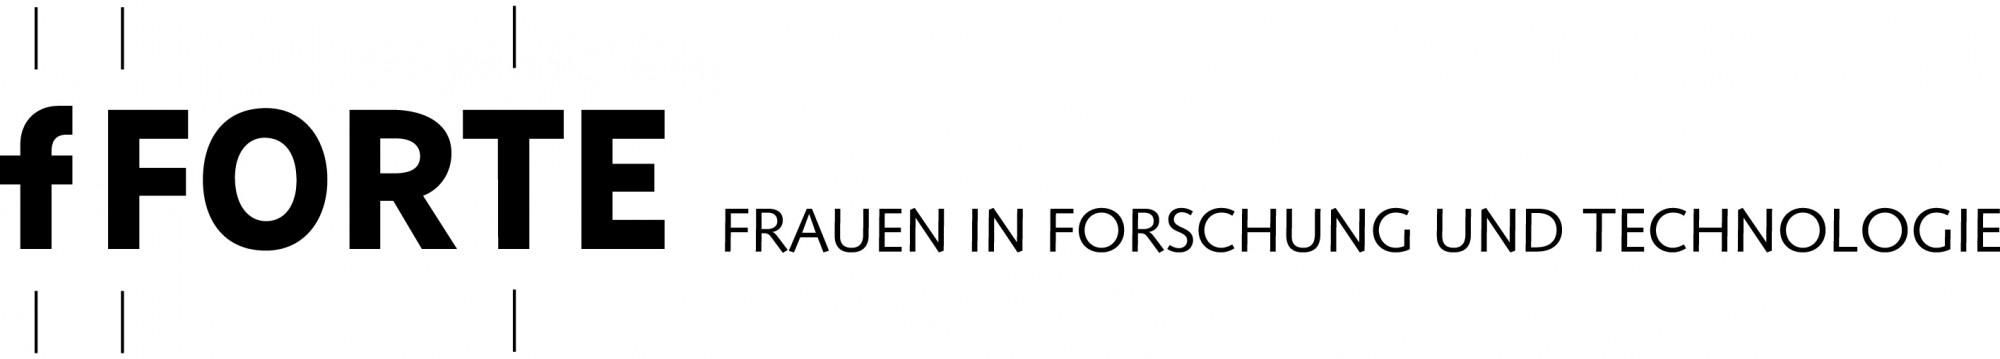 fforte_logo_NEU